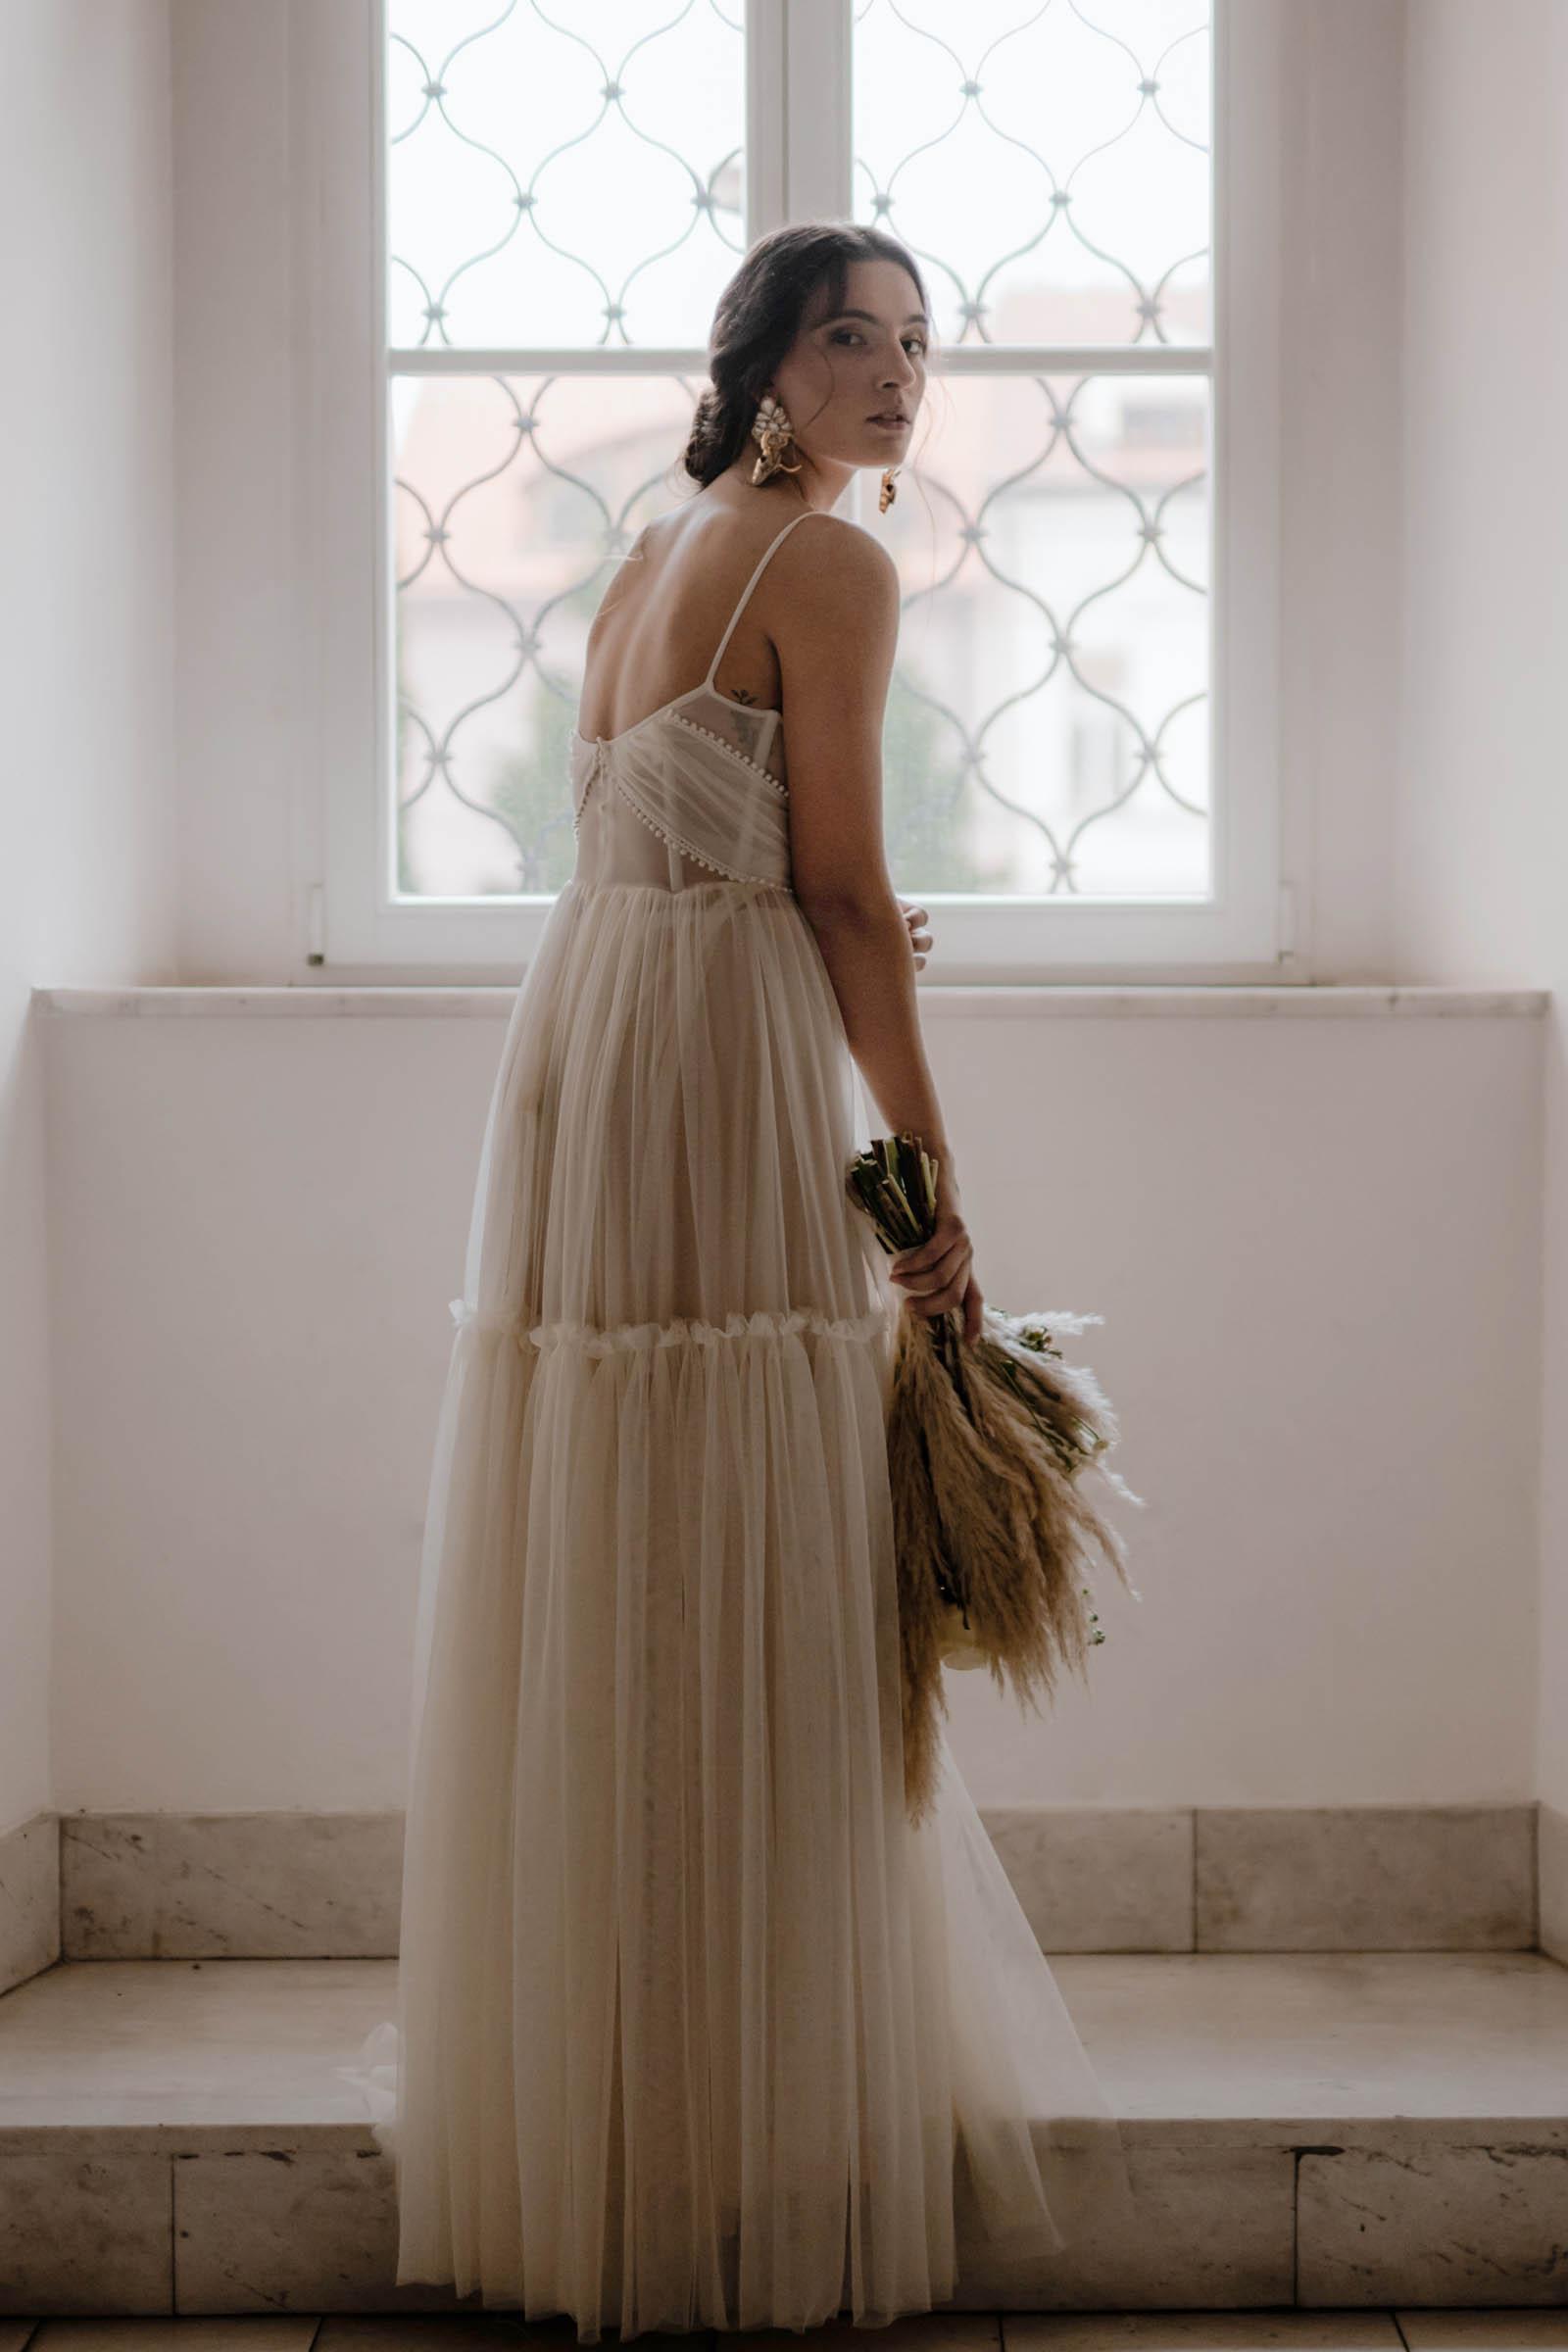 boho-svadobne-saty-veronika-kostkova-wedding-atelier-2019-isa-2